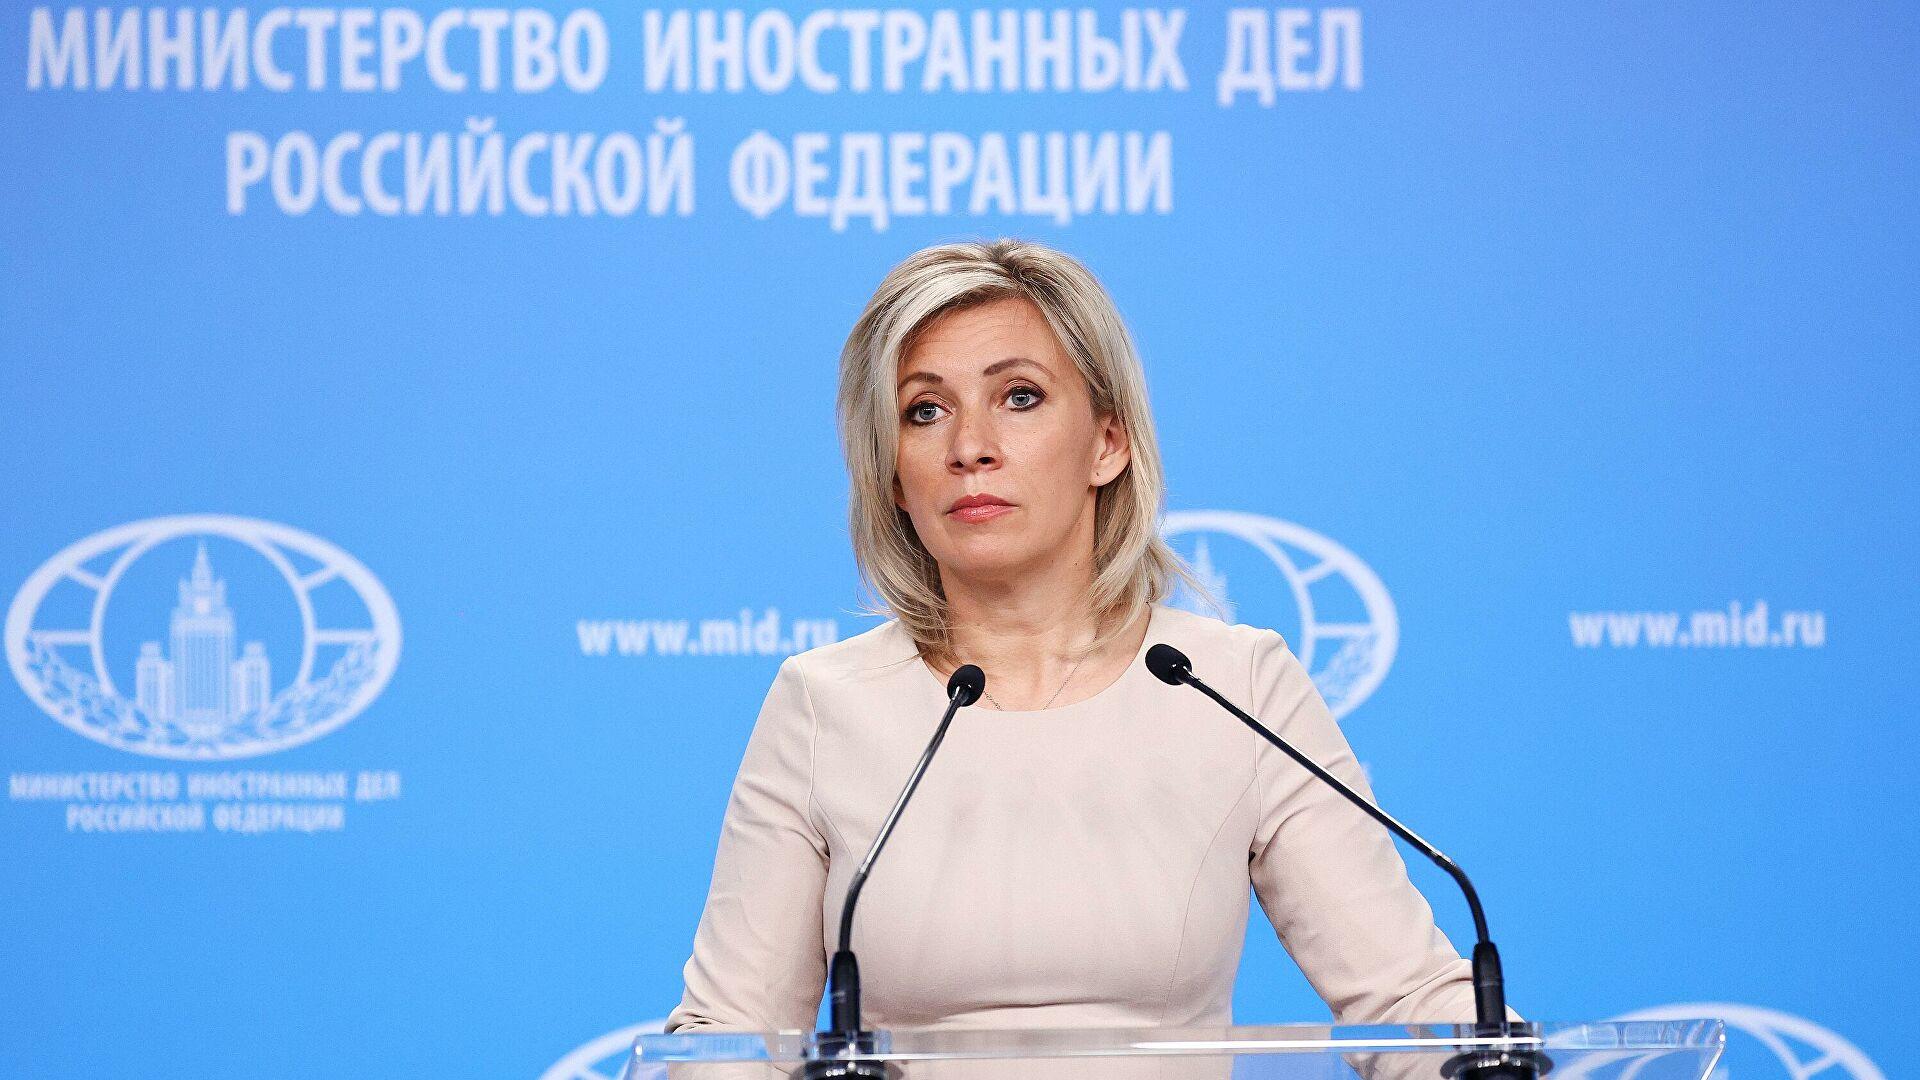 Захарова: Праг са заносом и страшћу уништава билатералне односе са Русијом